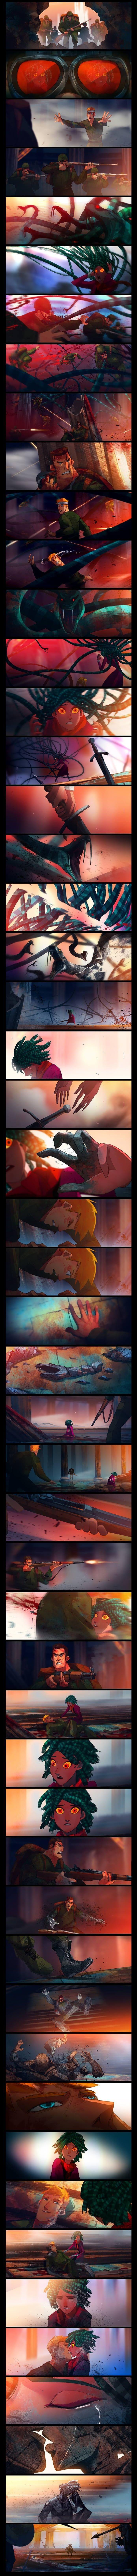 Medusa (Part 4/END) by JUN CHIU Illustration